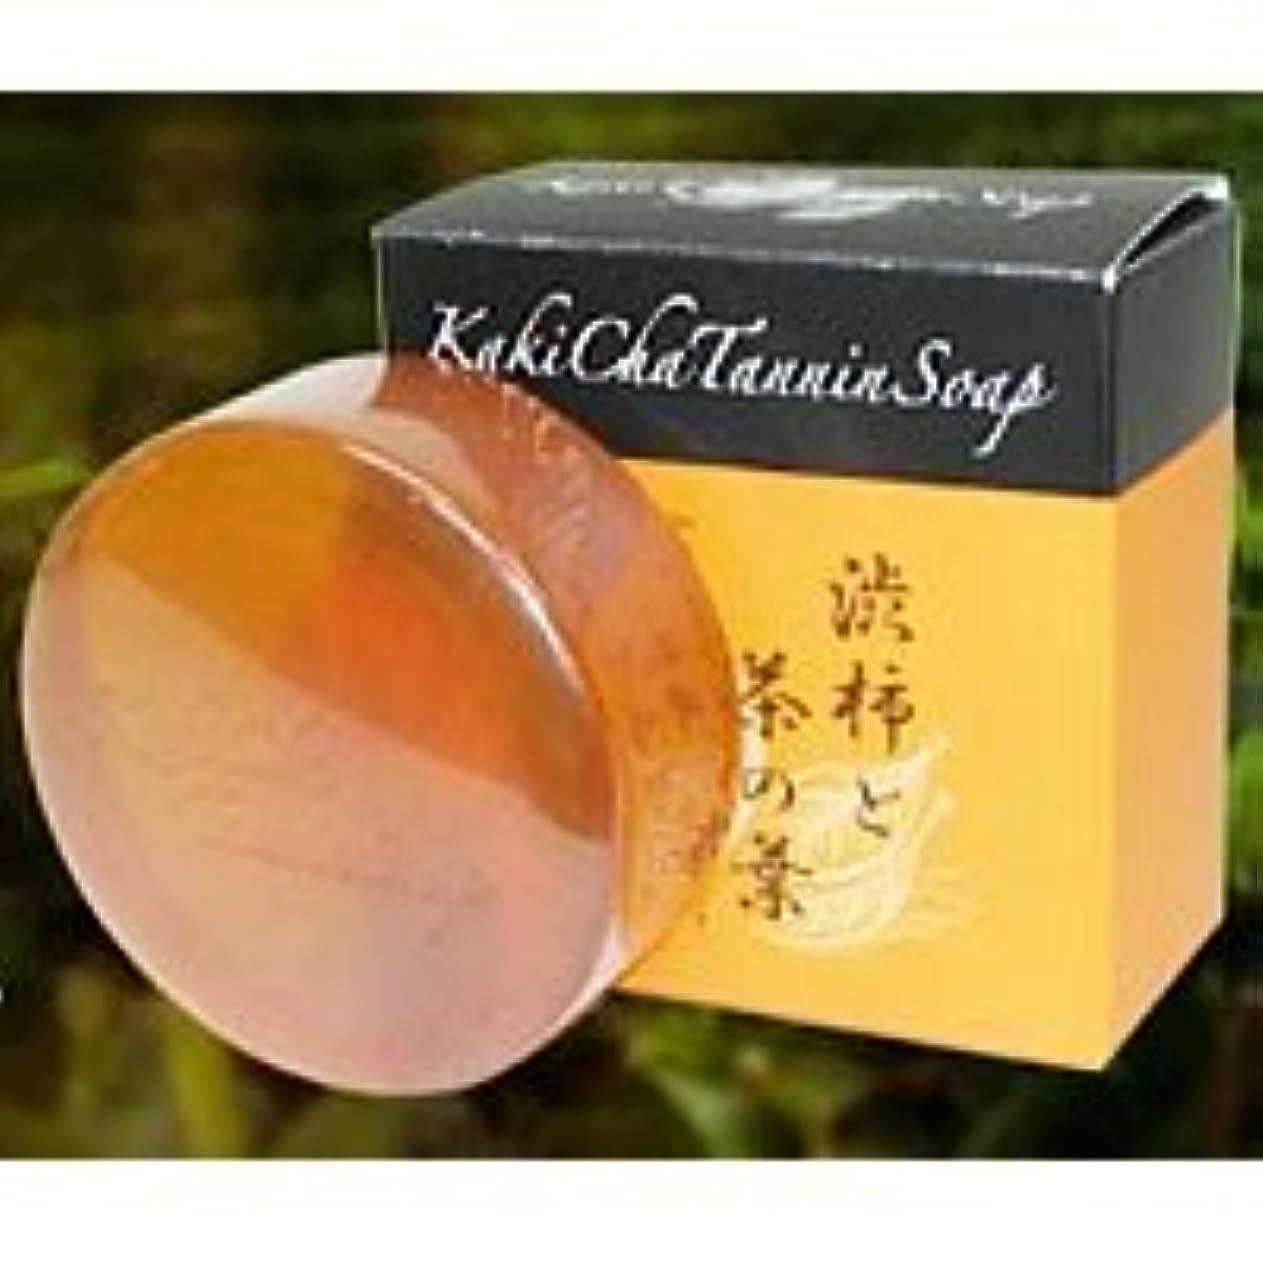 邪魔圧縮する簡単にカキチャタンニンソープ 安心の日本製 カキチャタンニンソープ (マイルドクリアソープ) カキチャ タンニンソープ 柿渋ソープ